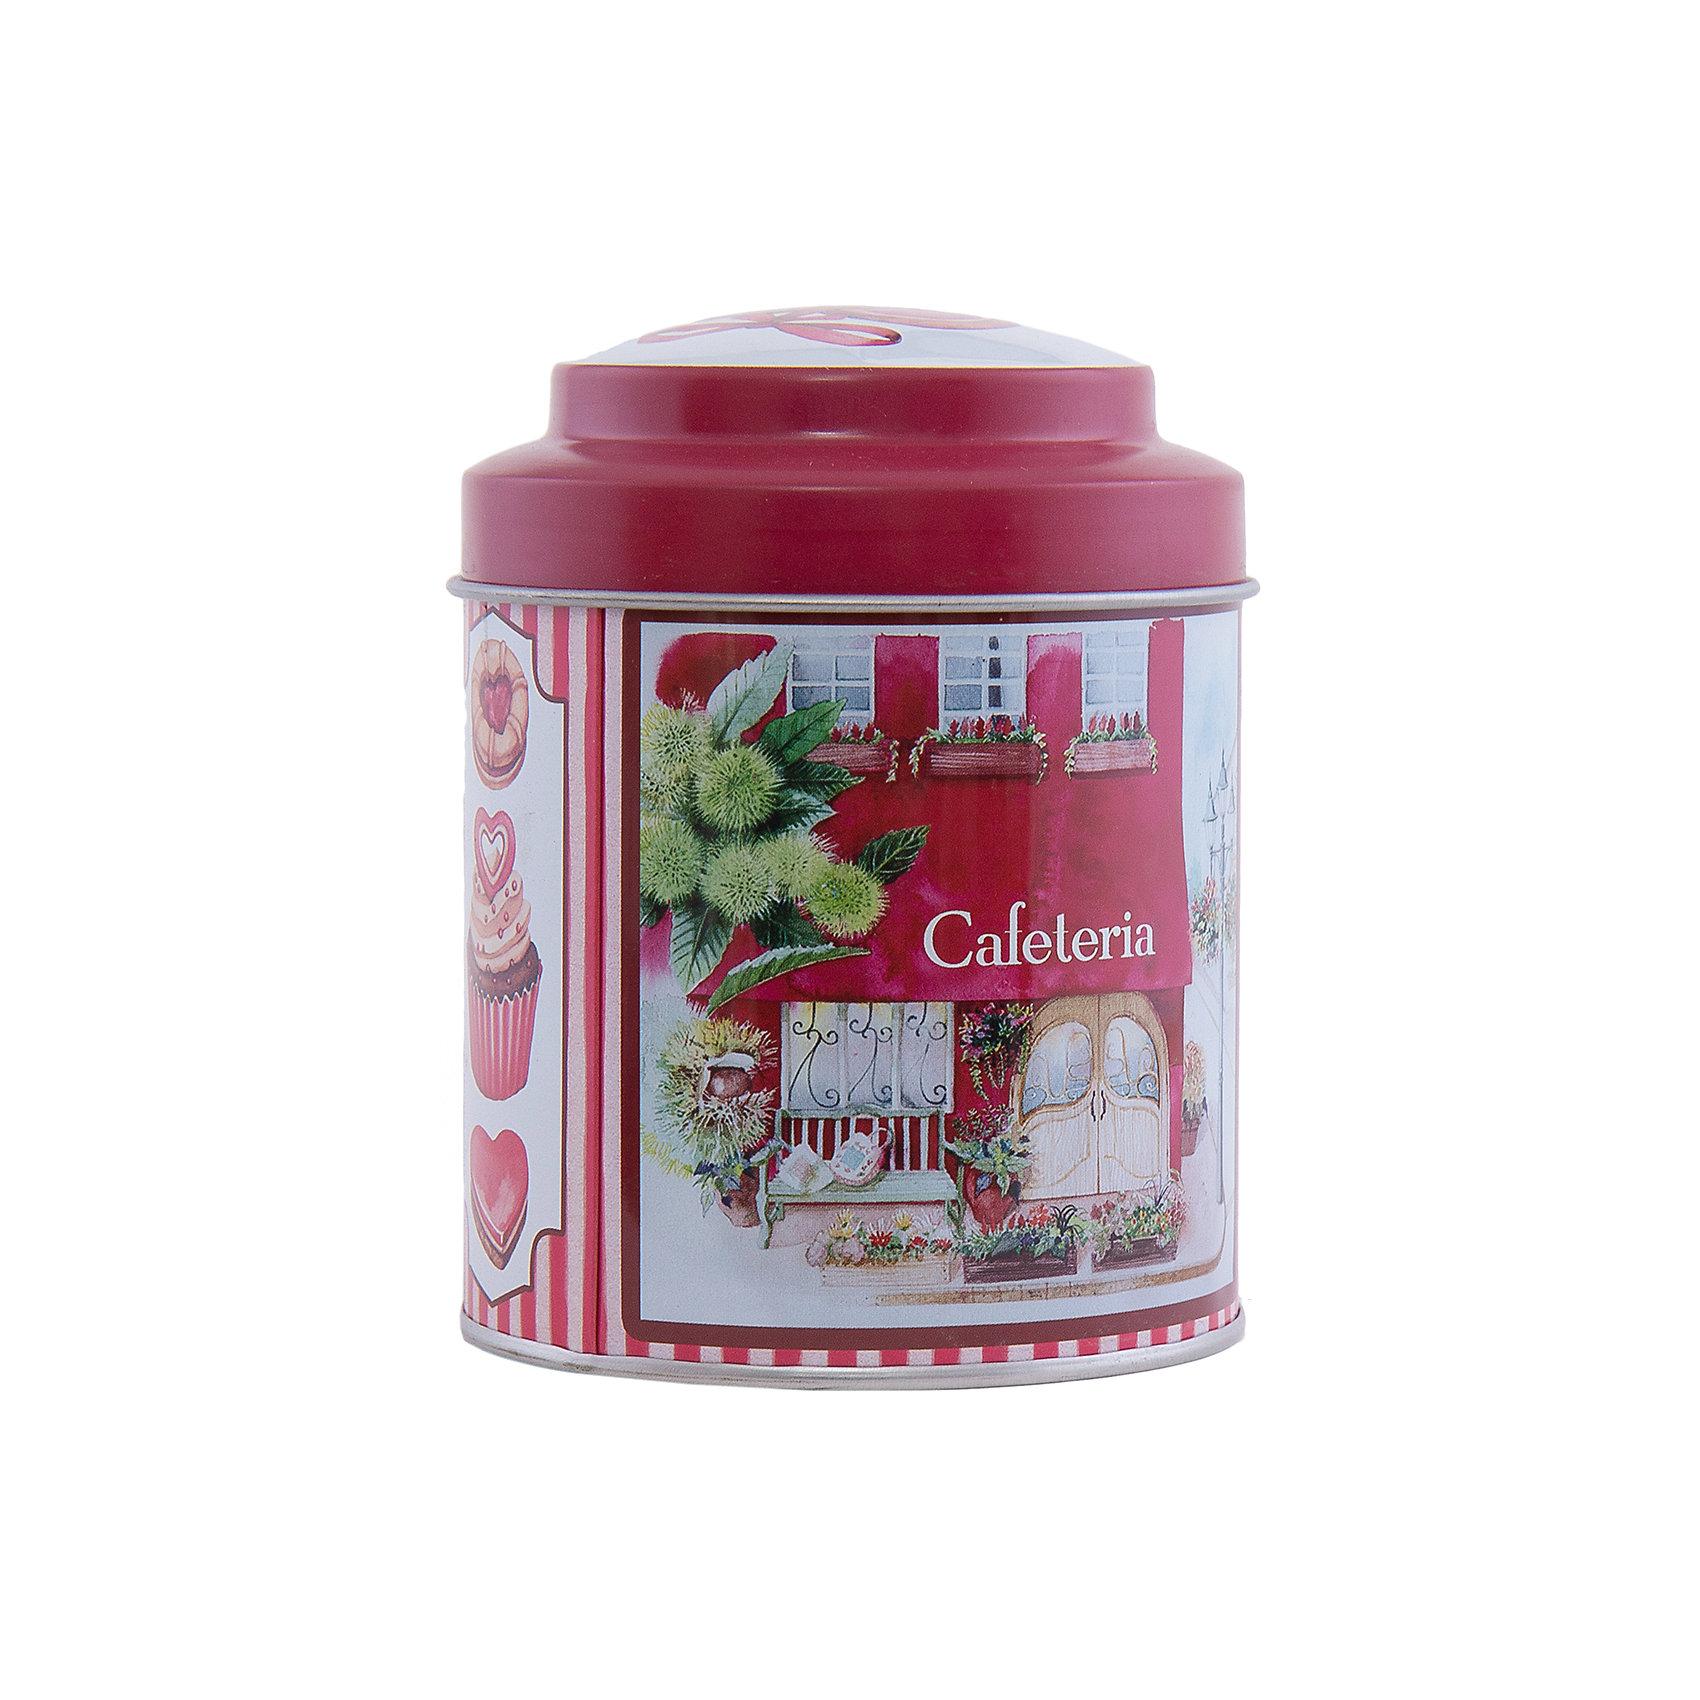 Емкость для сыпучих продуктов Кафе 680мл, Феникс-ПрезентЕмкость для сыпучих продуктов Кафе 680 мл, Феникс-Презент.<br><br>Характеристика:<br><br>• Материал: металл. <br>• Объем: 680 мл. <br>• Размер упаковки: 8,7х11,5 см. <br>• Удобная крышка.<br>• Яркий привлекательный дизайн. <br>• Нельзя мыть в посудомоечной машине.<br><br>Красивая яркая баночка для сыпучих продуктов займет достойное место на любой кухне! Емкость выполнена из окрашенного металла с использованием нетоксичных экологичных красителей. Удобная крышка плотно закрывается и легко открывается. Прекрасный вариант для небольшого подарка на любой праздник. <br><br>Емкость для сыпучих продуктов Кафе 680 мл, Феникс-Презент, можно купить в нашем интернет-магазине.<br><br>Ширина мм: 87<br>Глубина мм: 87<br>Высота мм: 115<br>Вес г: 93<br>Возраст от месяцев: 12<br>Возраст до месяцев: 1188<br>Пол: Унисекс<br>Возраст: Детский<br>SKU: 5168399